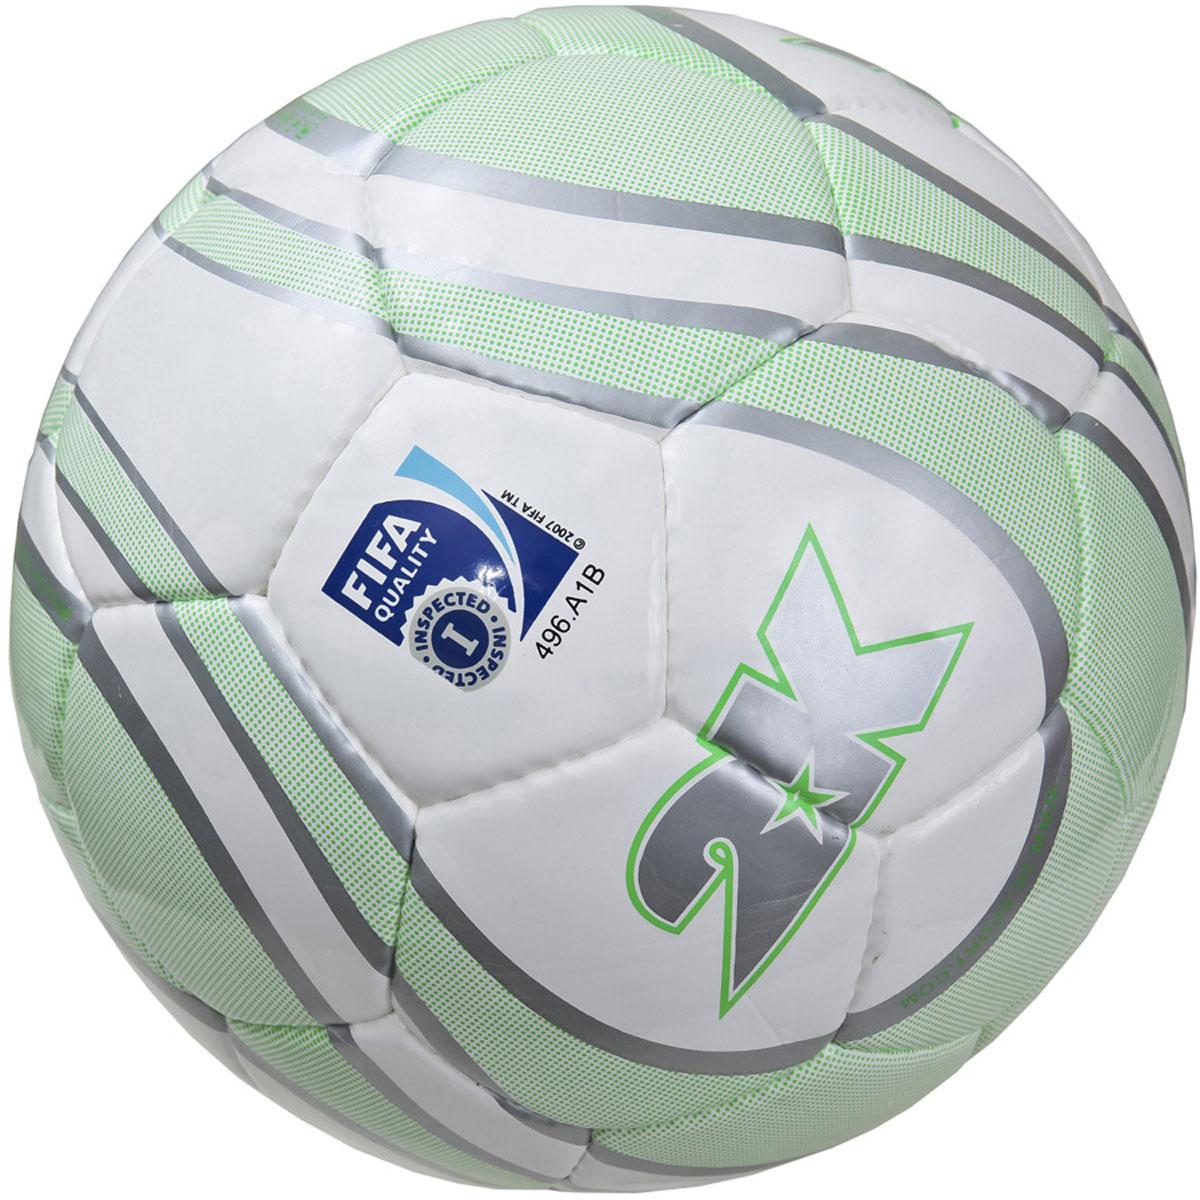 Мяч футбольный 2K Sport Parity, цвет: белый, серый, зеленый. Размер 5127082FПрофессиональный мяч 2K Sport Parity выполнен из ЭВА и полиуретана. Четырехслойная текстильная подложка. Мяч имеет бесшовную бутиловую камеру с бутиловым ниппелем. Ручная сшивка панелей. Сертификат FIFA Inspected.